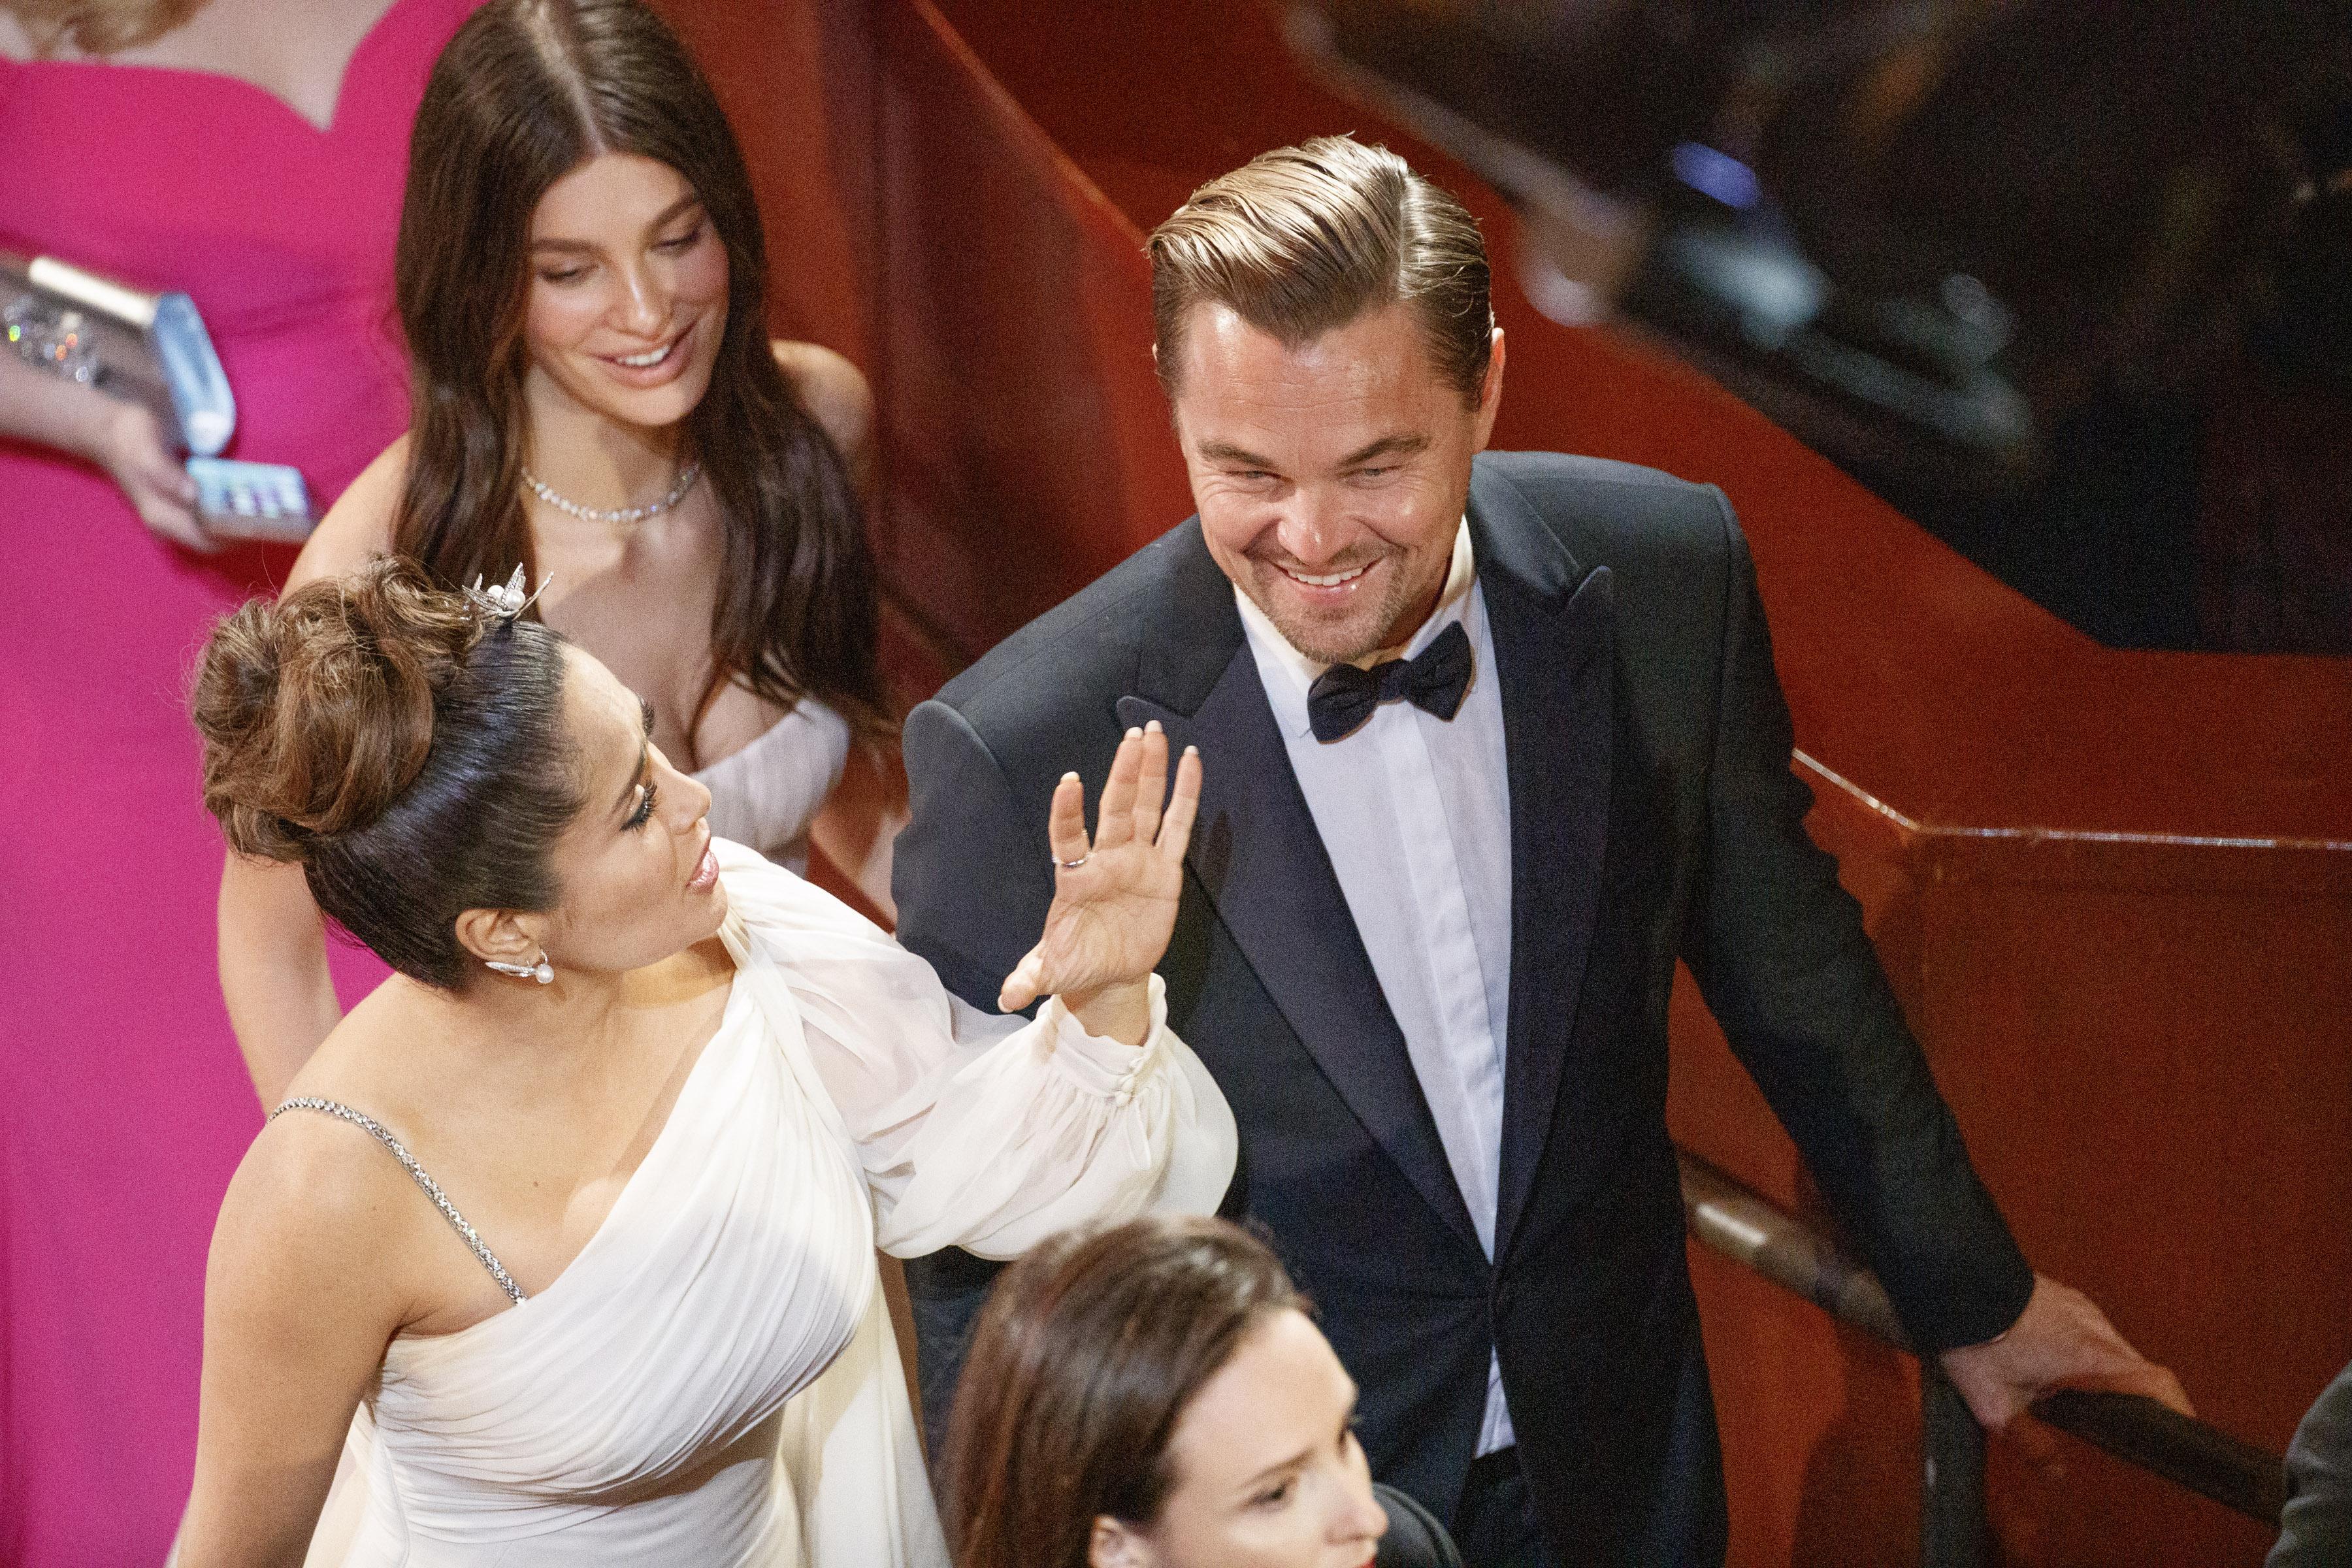 Leonardo DiCaprio and Camila Morrone made separate entrances. (ARTURO HOLMES via Getty Images)